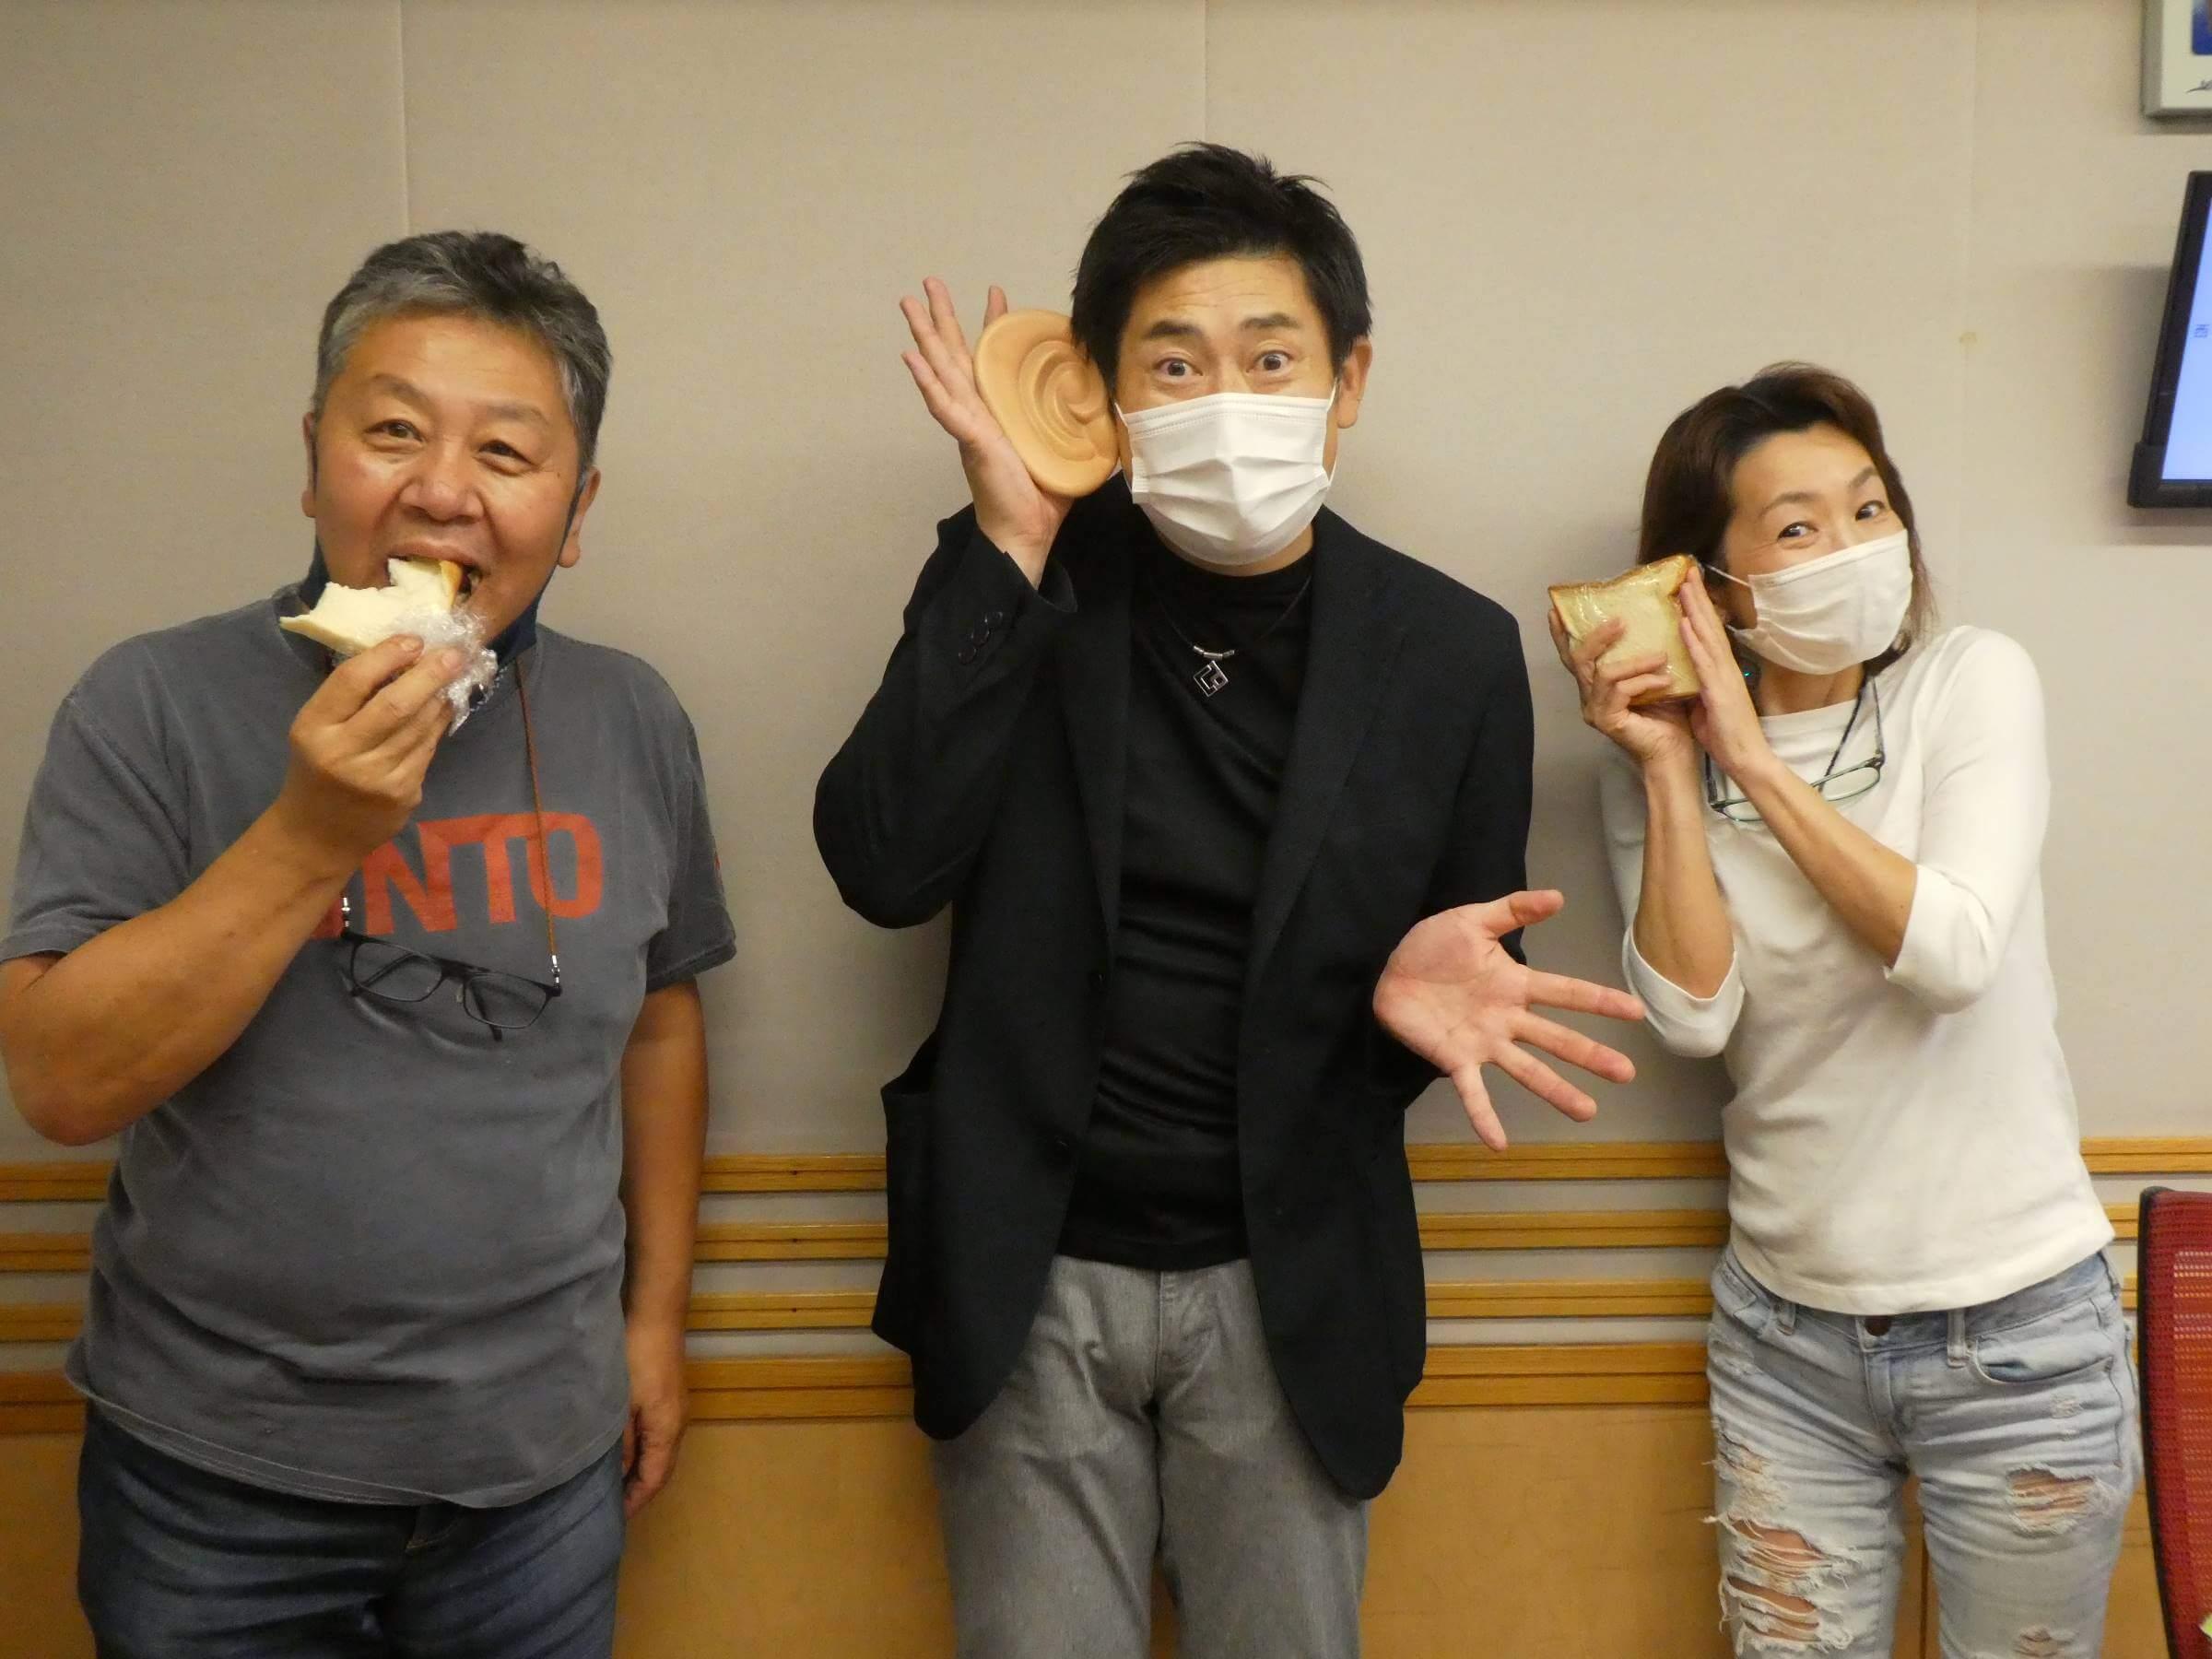 『くにまるジャパン極・極シアター』9月3日(金)のお客様:マギー審司さん・笠井信輔さん